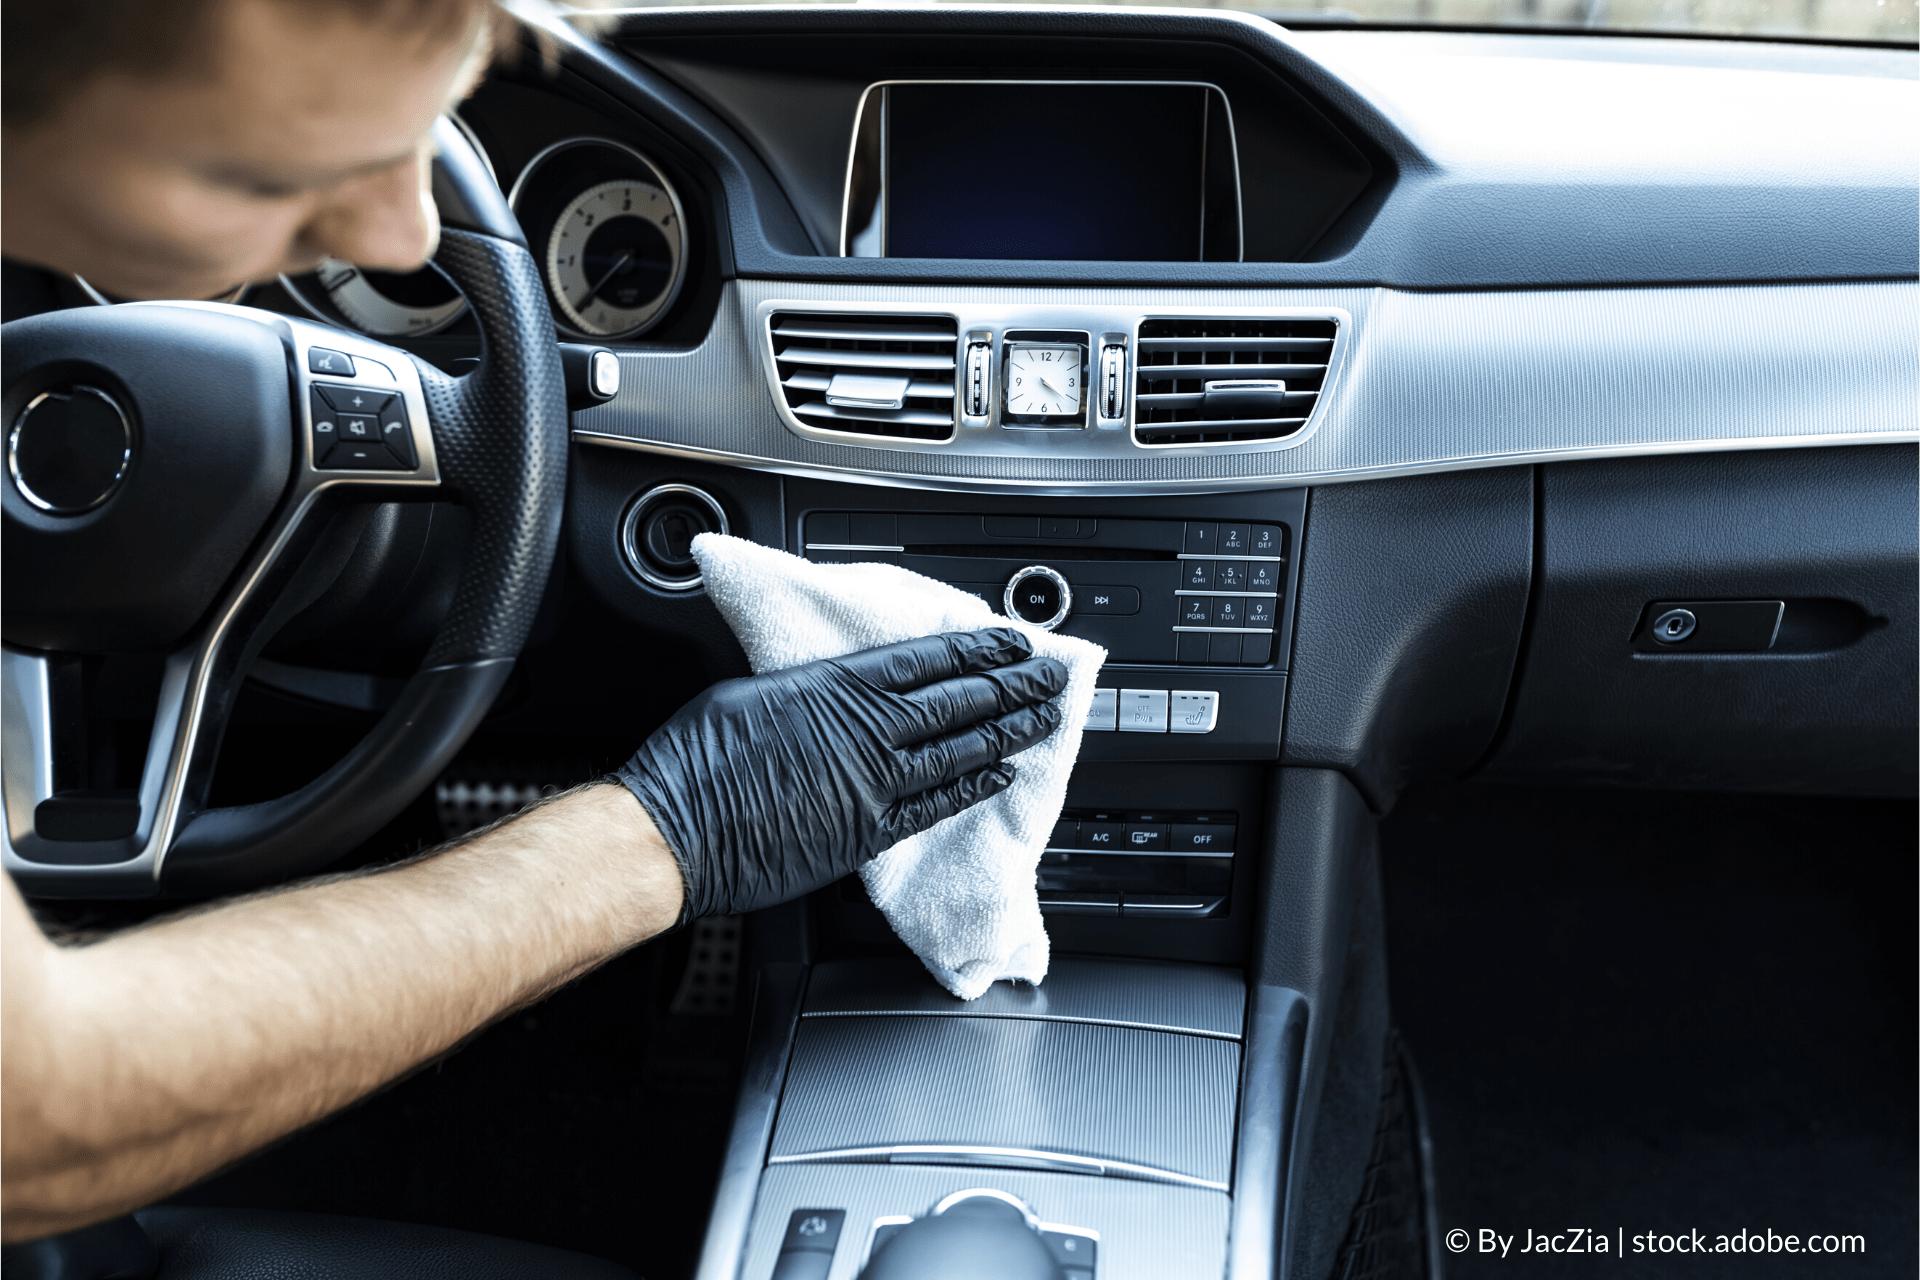 Hogyan tisztítsam az autóm belső terét?